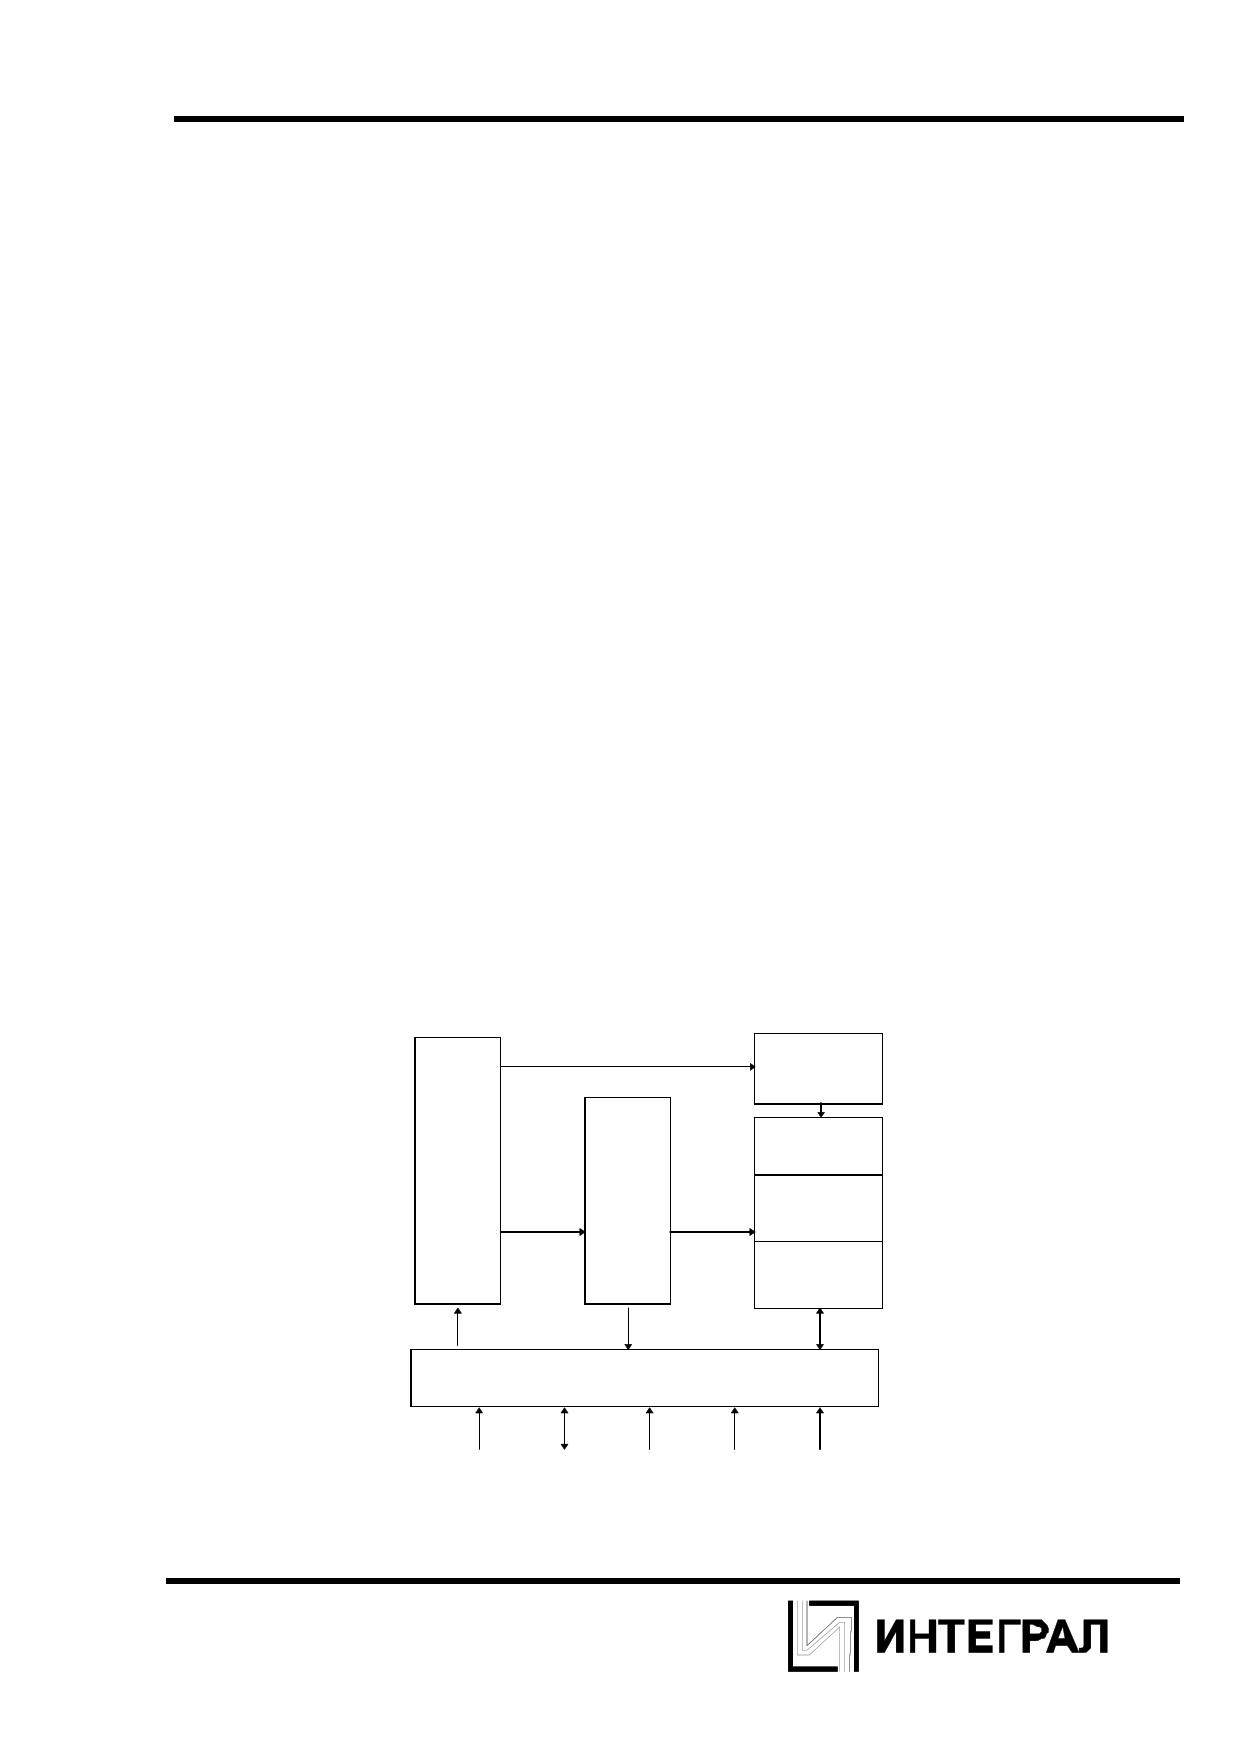 IZE4406C Datasheet, IZE4406C PDF,ピン配置, 機能